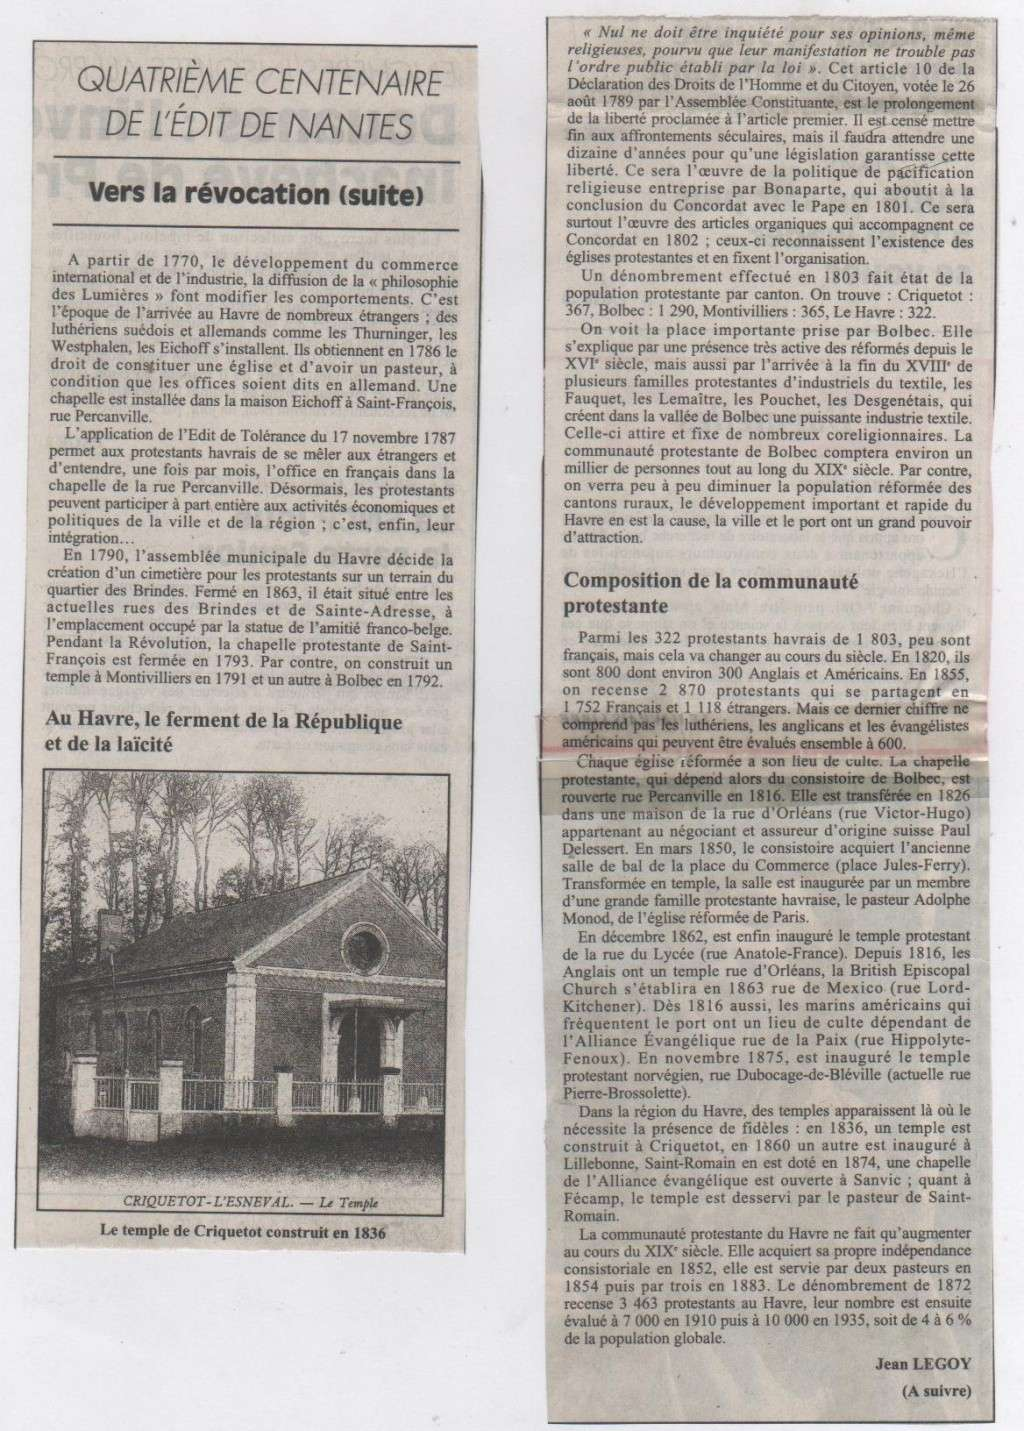 Histoire des Protestants Havrais par Jean LEGOY Protes13